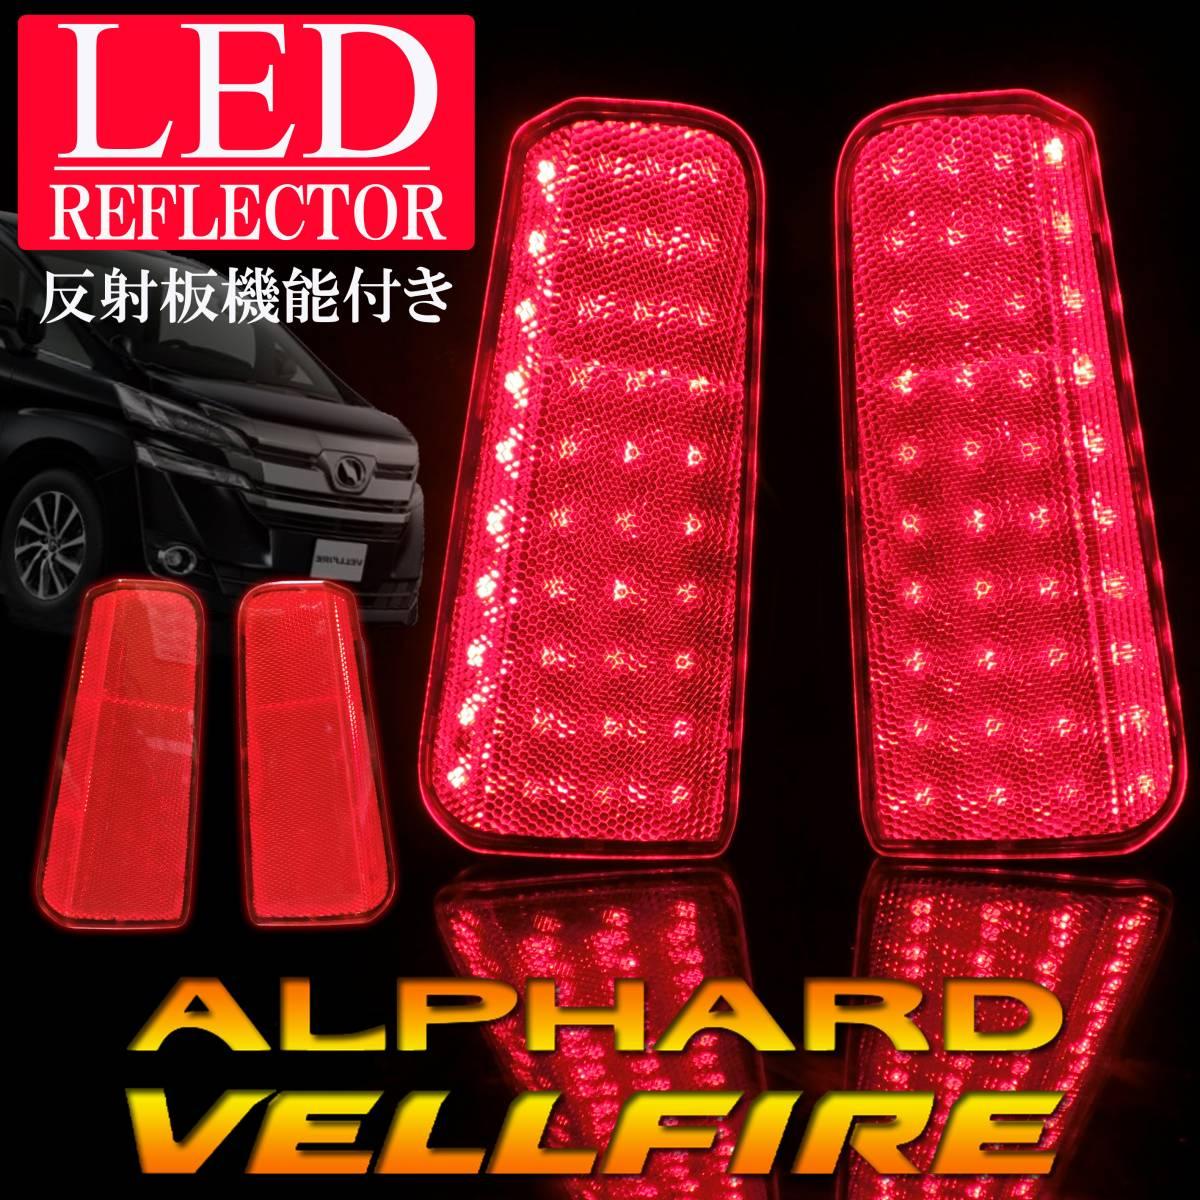 ヴェルファイア30 アルファード30 リフレクター led ブレーキランプ レッド